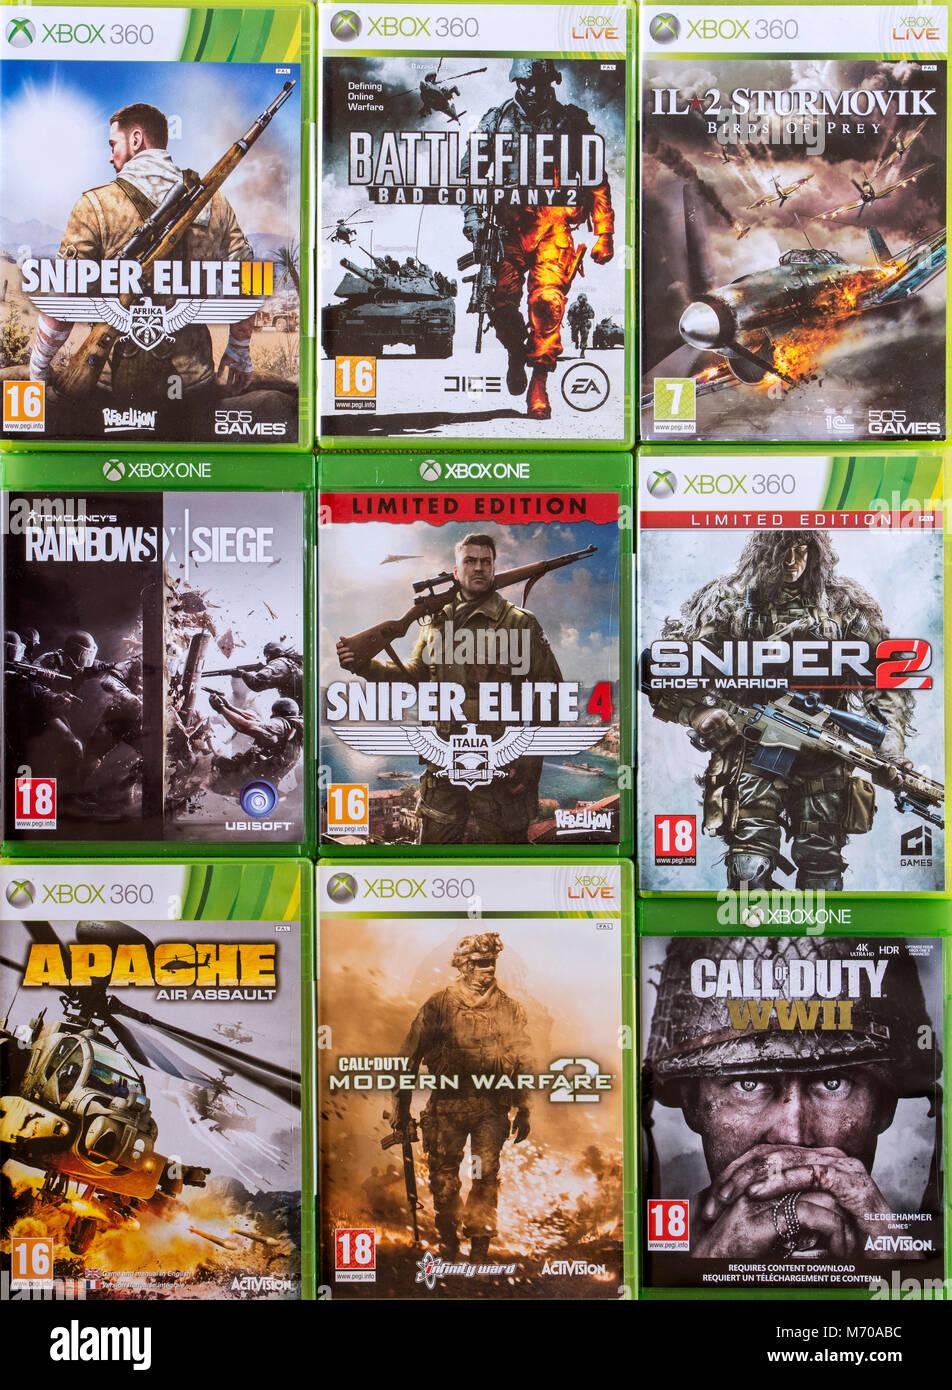 Colección de shooter en primera persona violenta video juegos para Xbox 360 y Xbox 1 Imagen De Stock